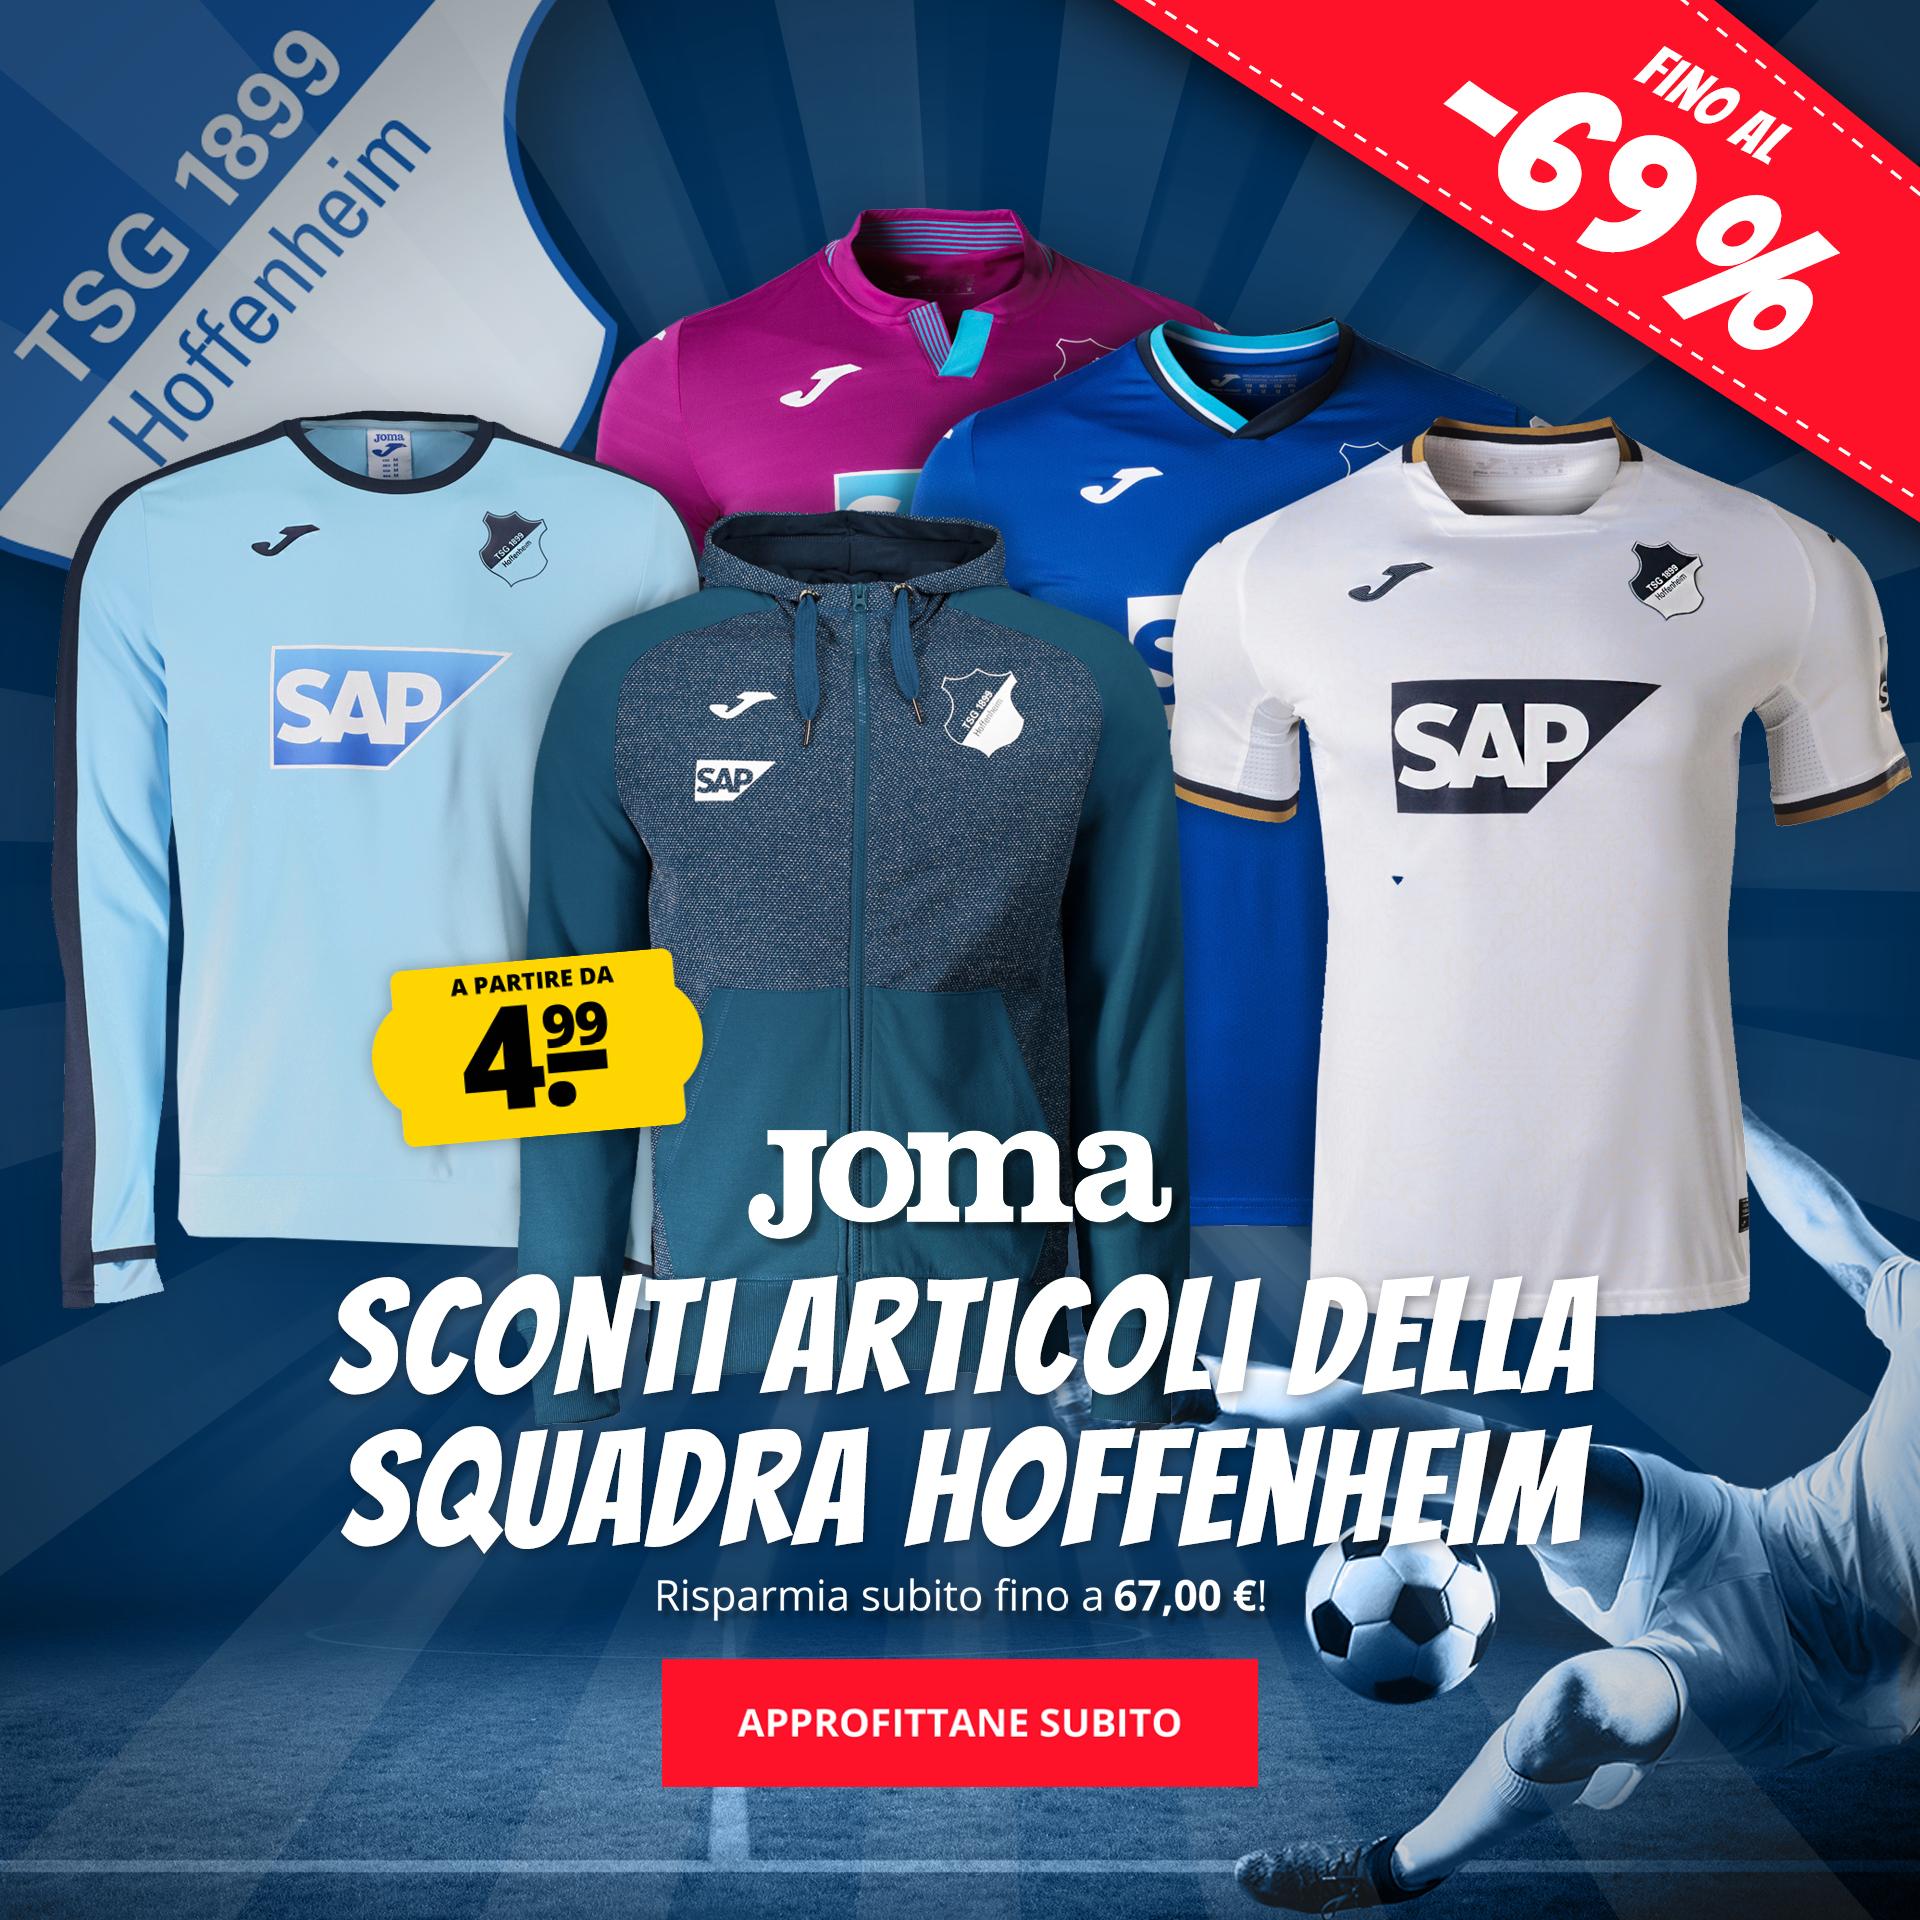 Joma Sconti articoli della squadra Hoffenheim a partire da 4,99 €